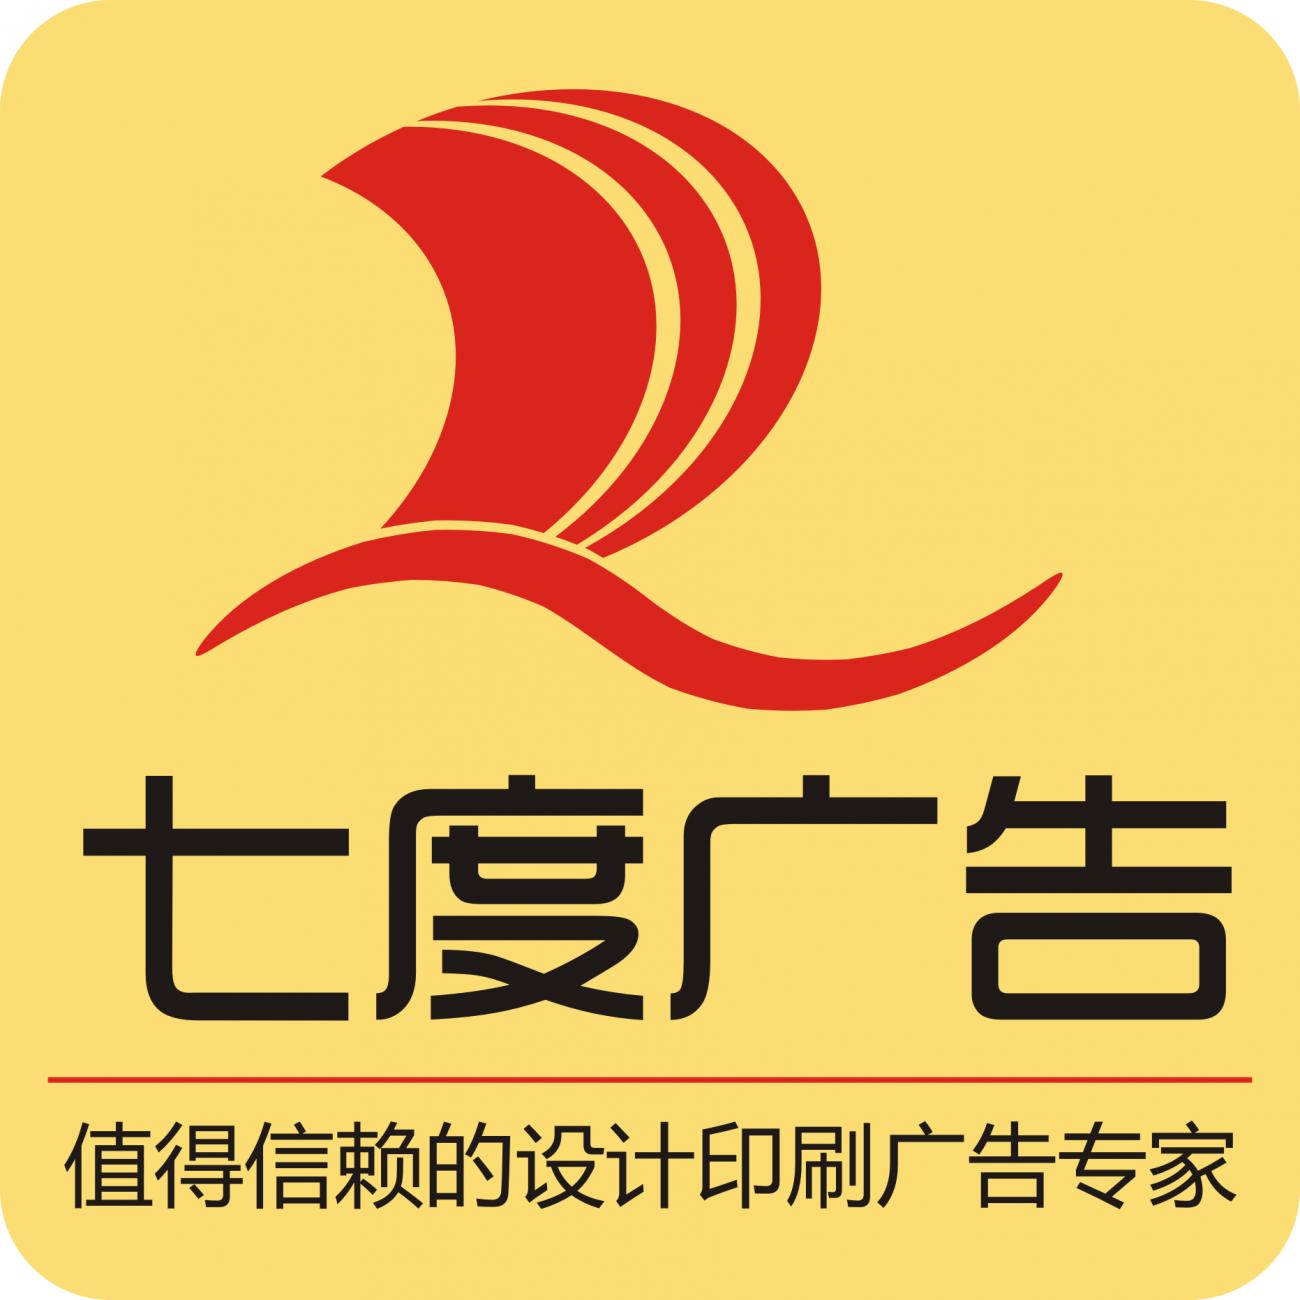 重庆七度广告有限公司